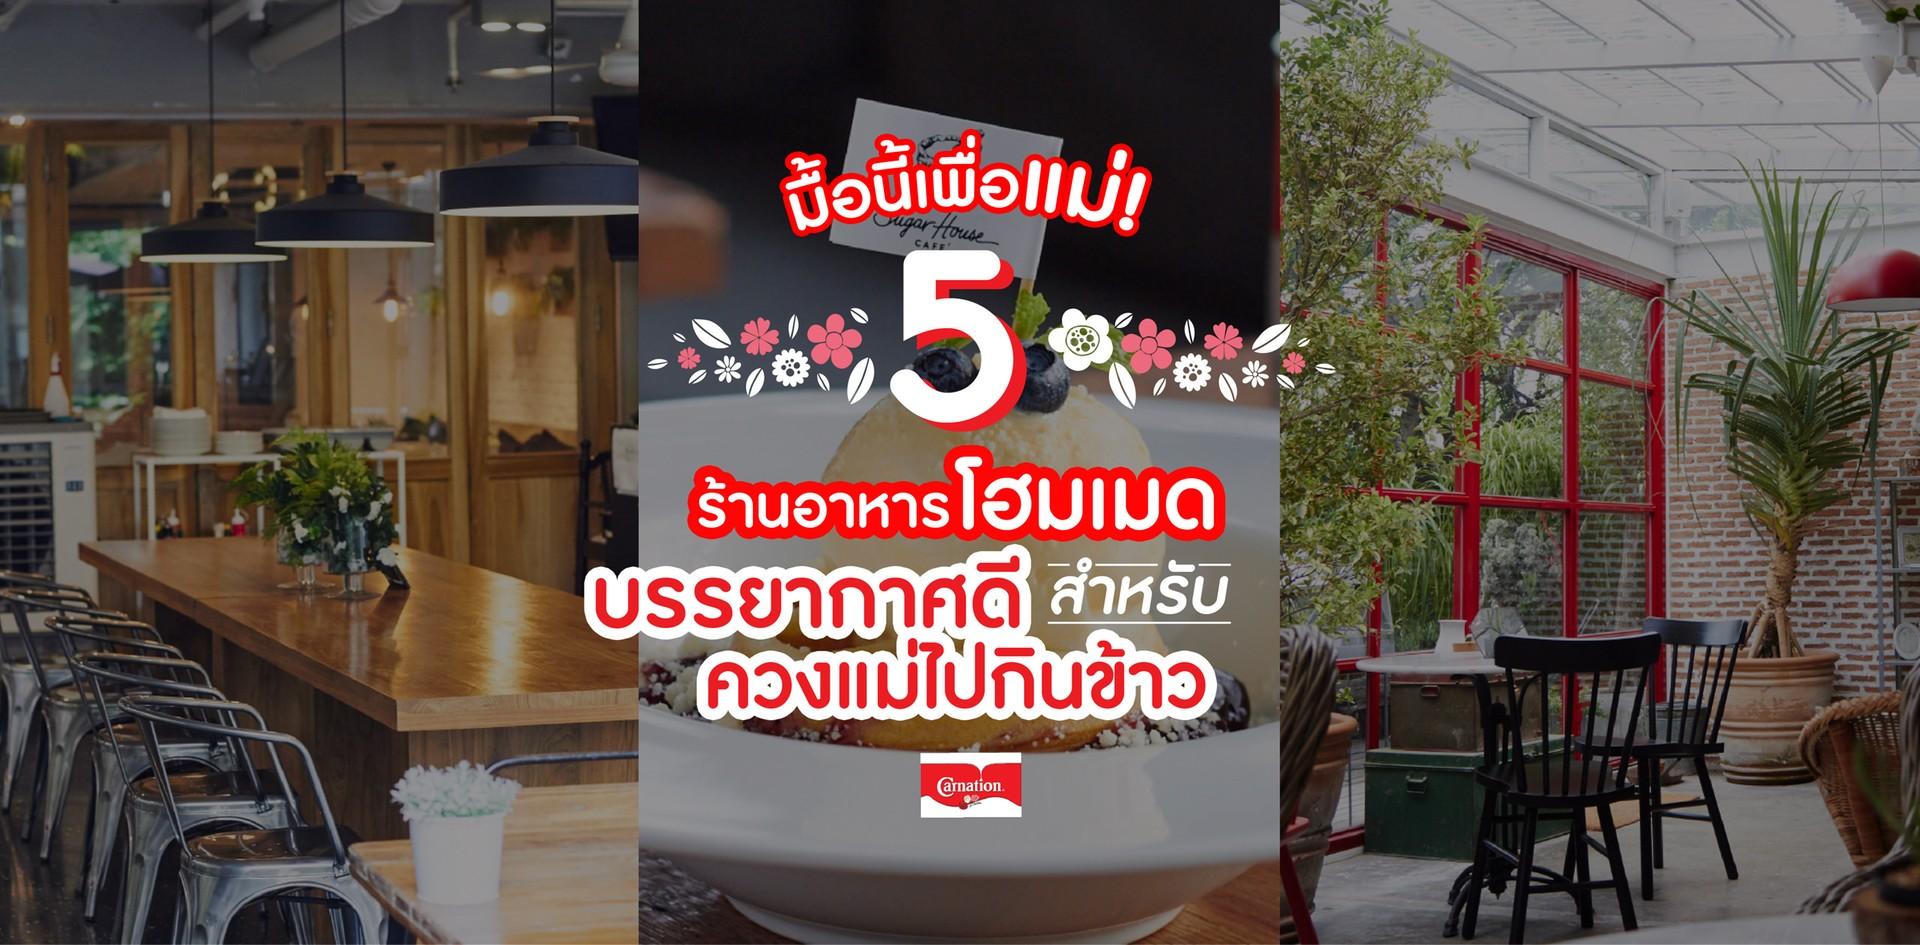 ร้านอาหารไทยสไตล์โฮมเมดที่เหมาะกับพาแม่ไปทาน by carnation